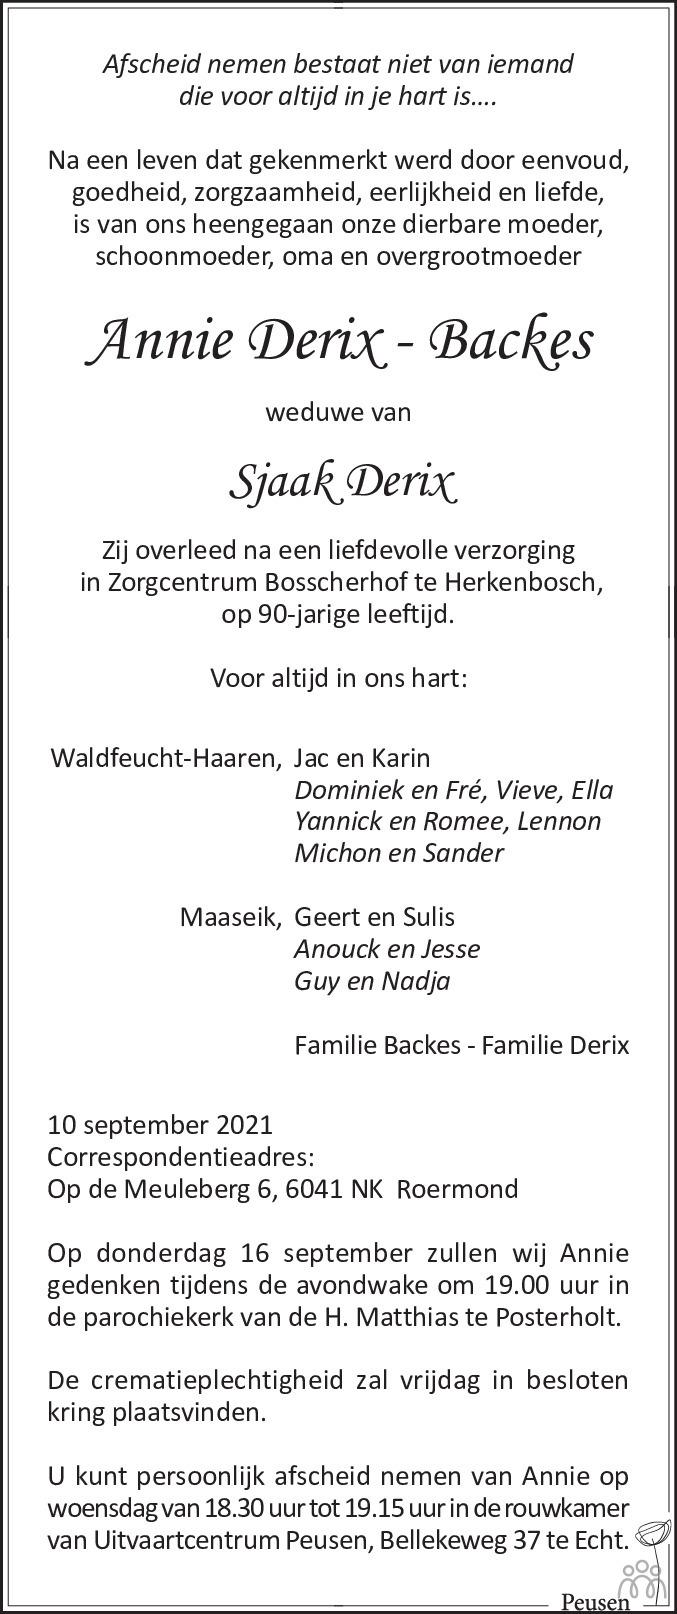 Overlijdensbericht van Annie Derix-Backes in De Limburger